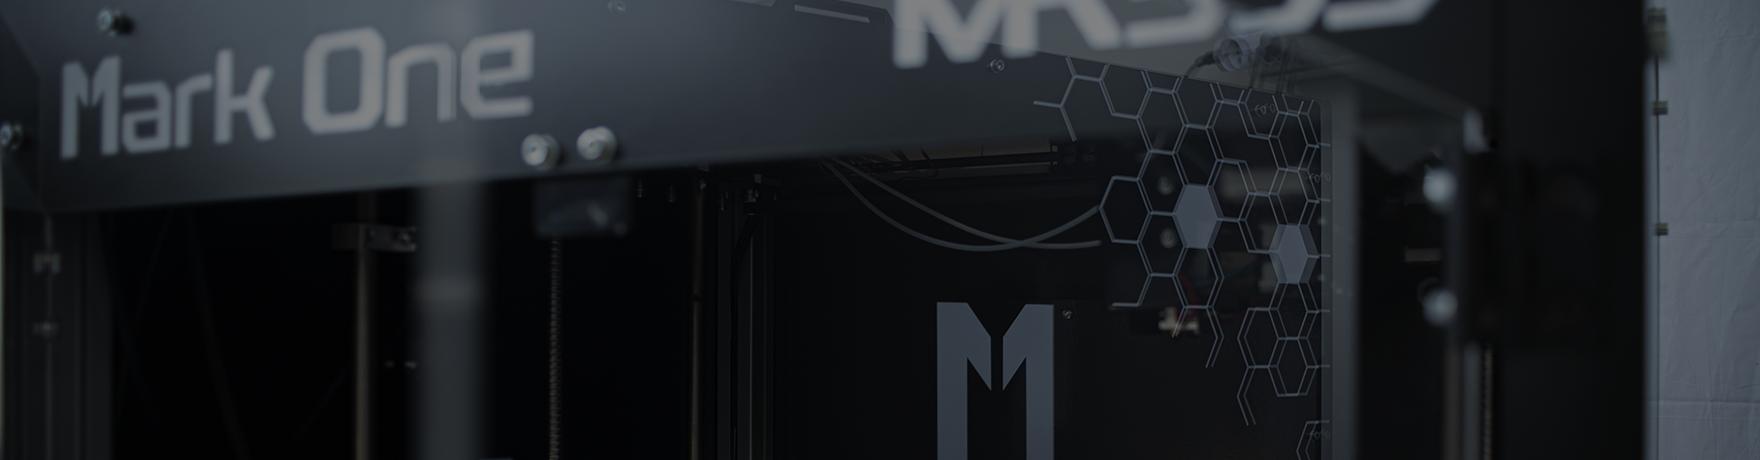 Mark One - Applicazioni Cover